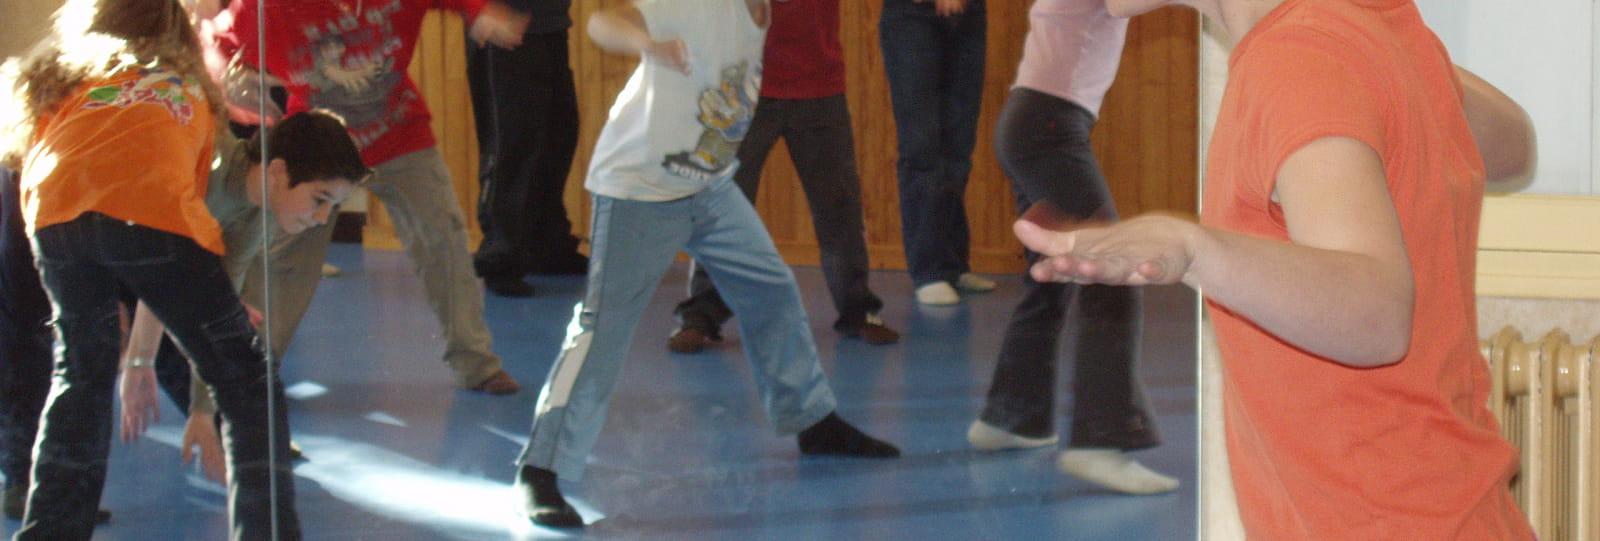 Classe de decouverte danse et musique iddj drome